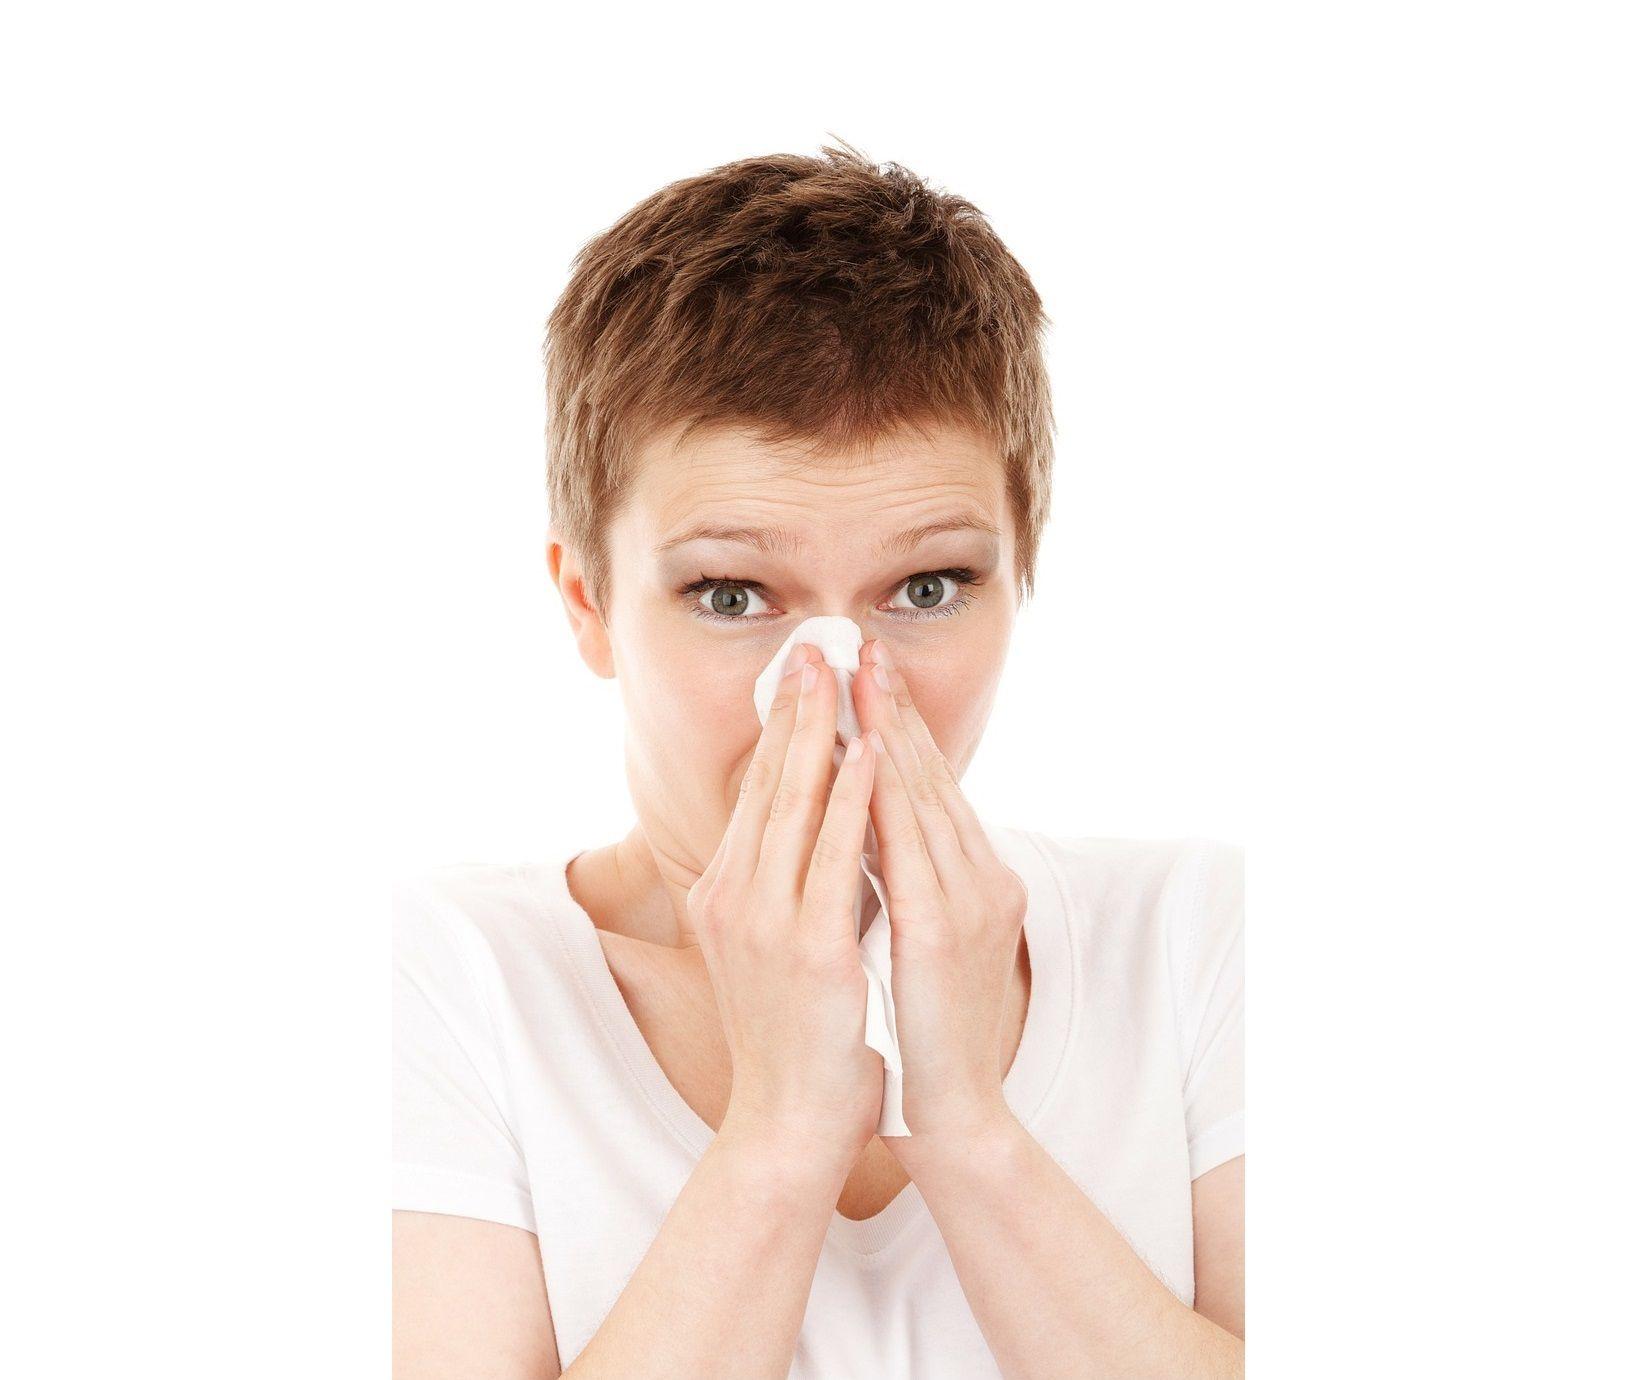 Trattenere gli starnuti fa male: ecco i rischi e le conseguenze